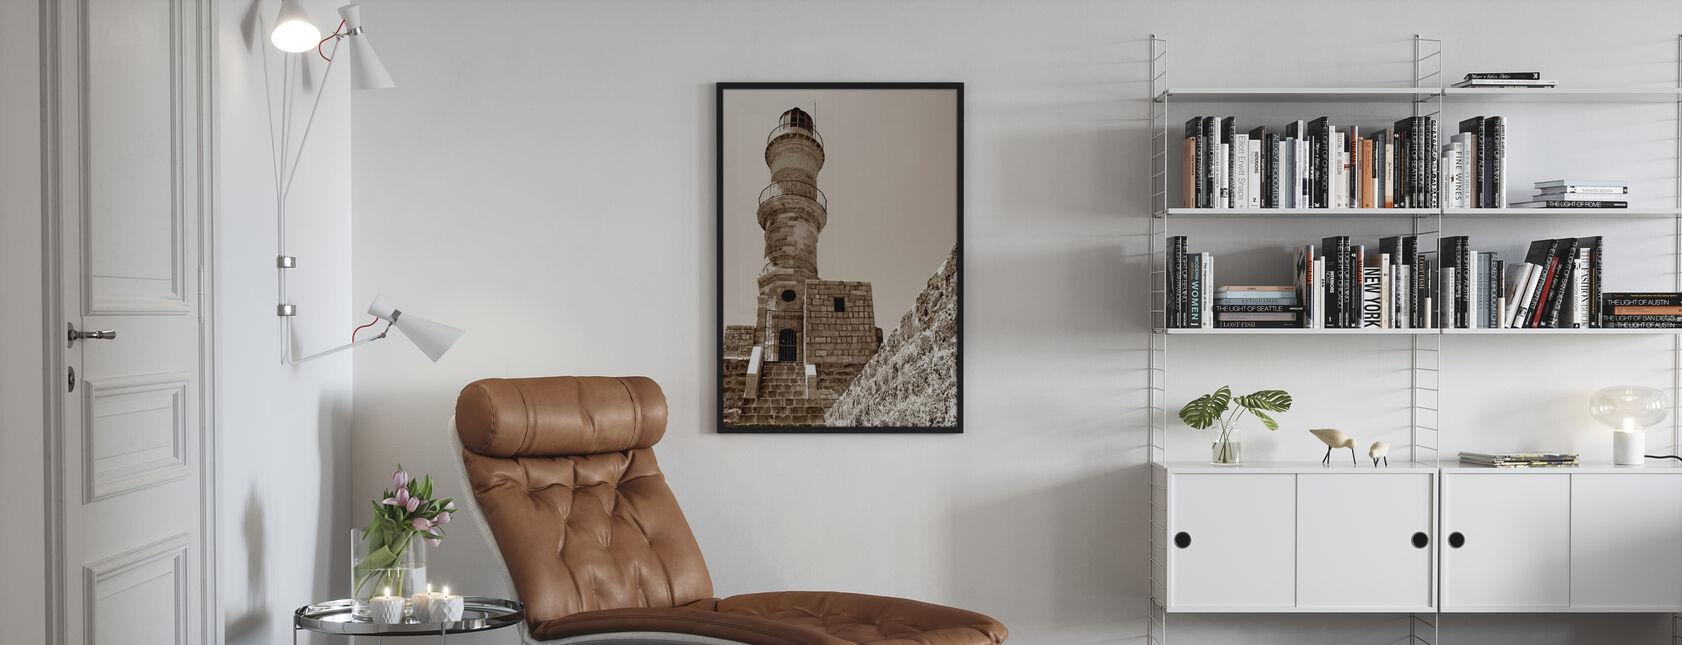 Fyrtårn - Plakat - Stue